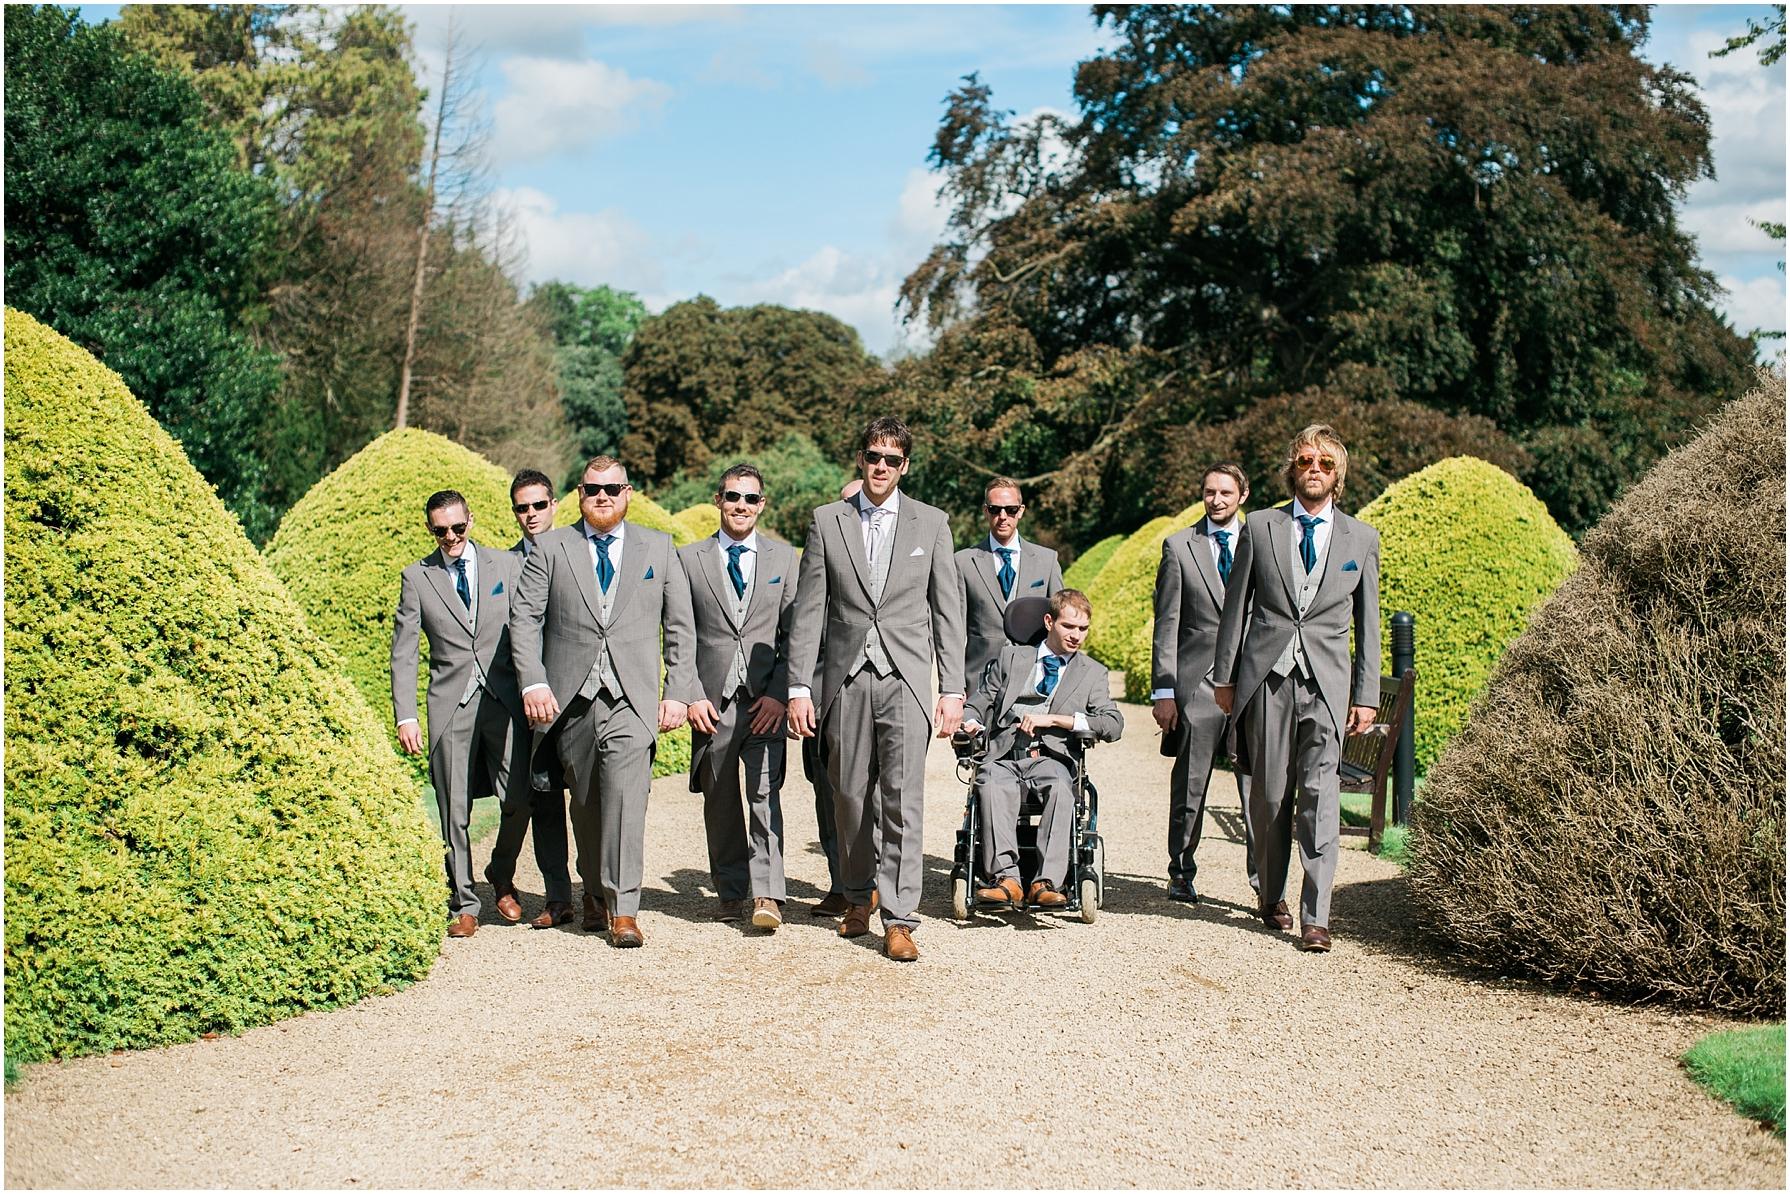 groom and groomsmen walking side by side